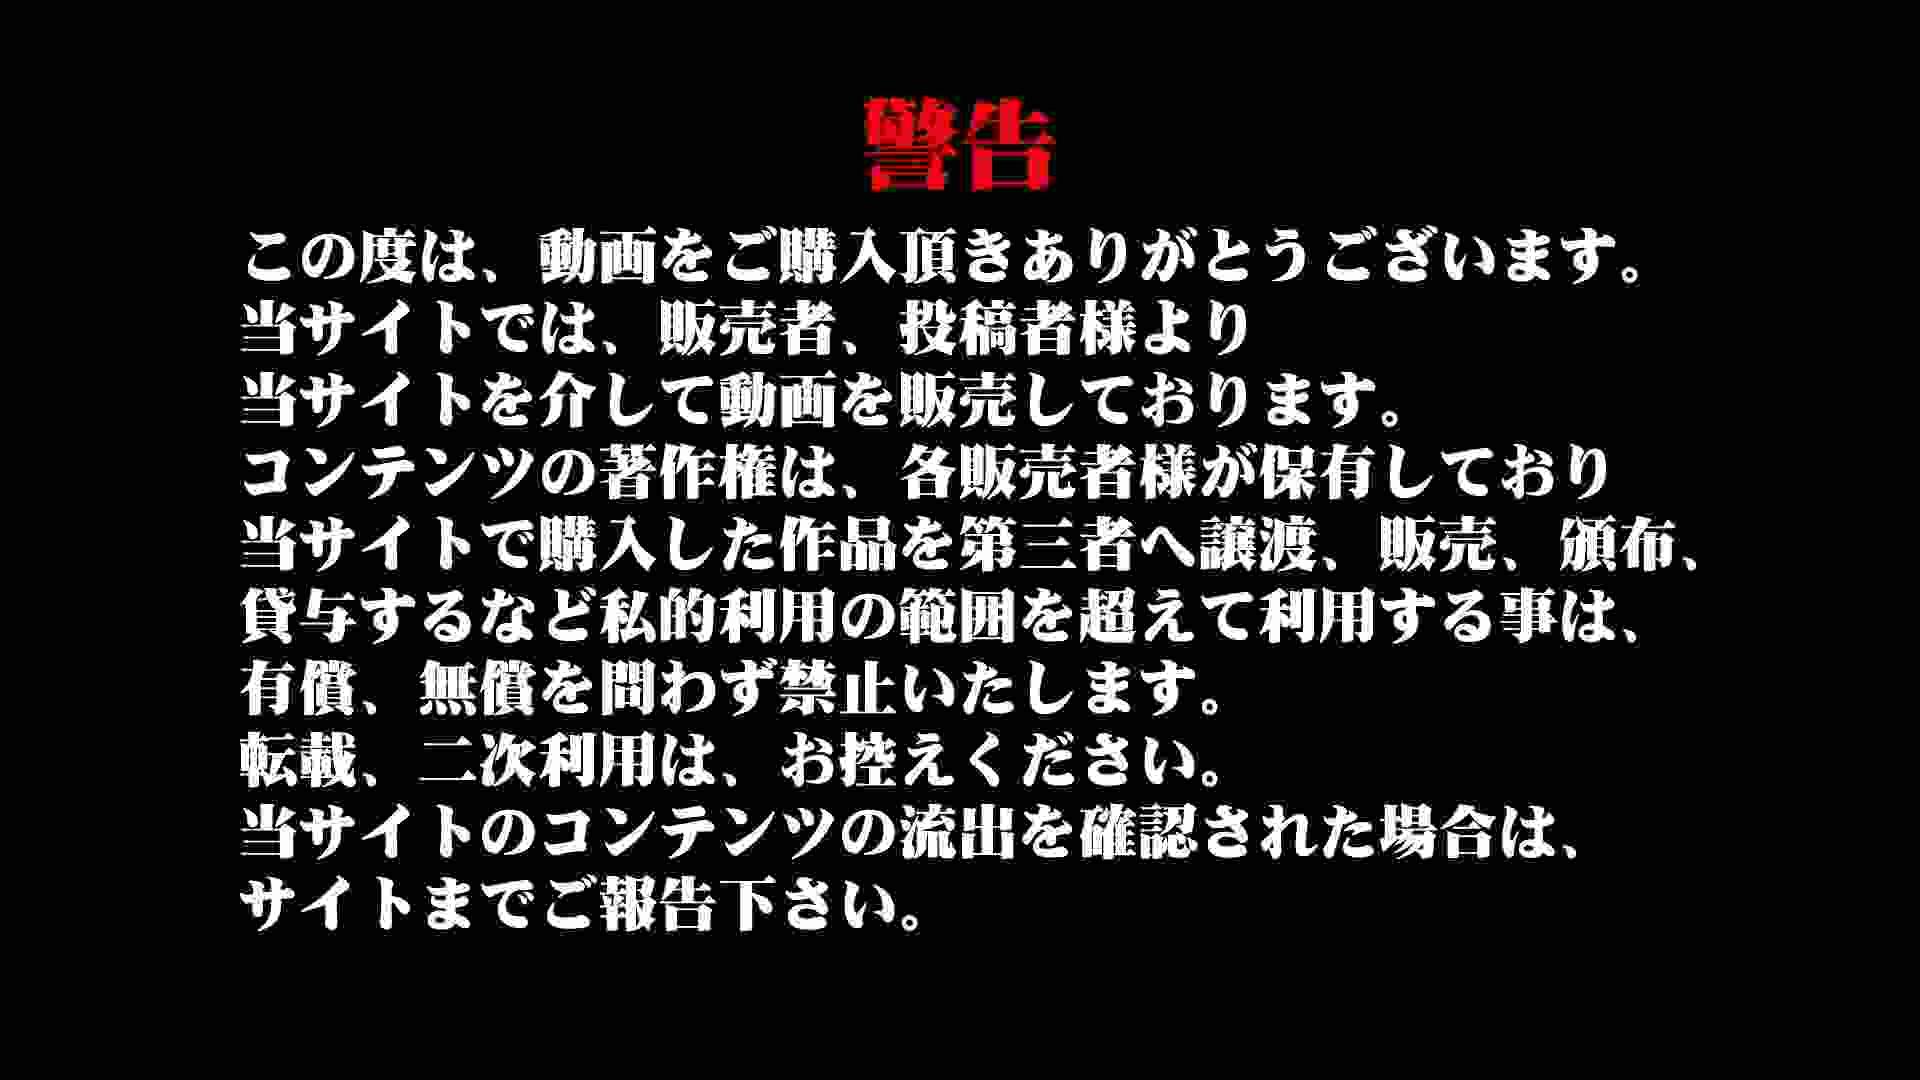 Aquaな露天風呂Vol.927 盗撮師作品 ぱこり動画紹介 87pic 41